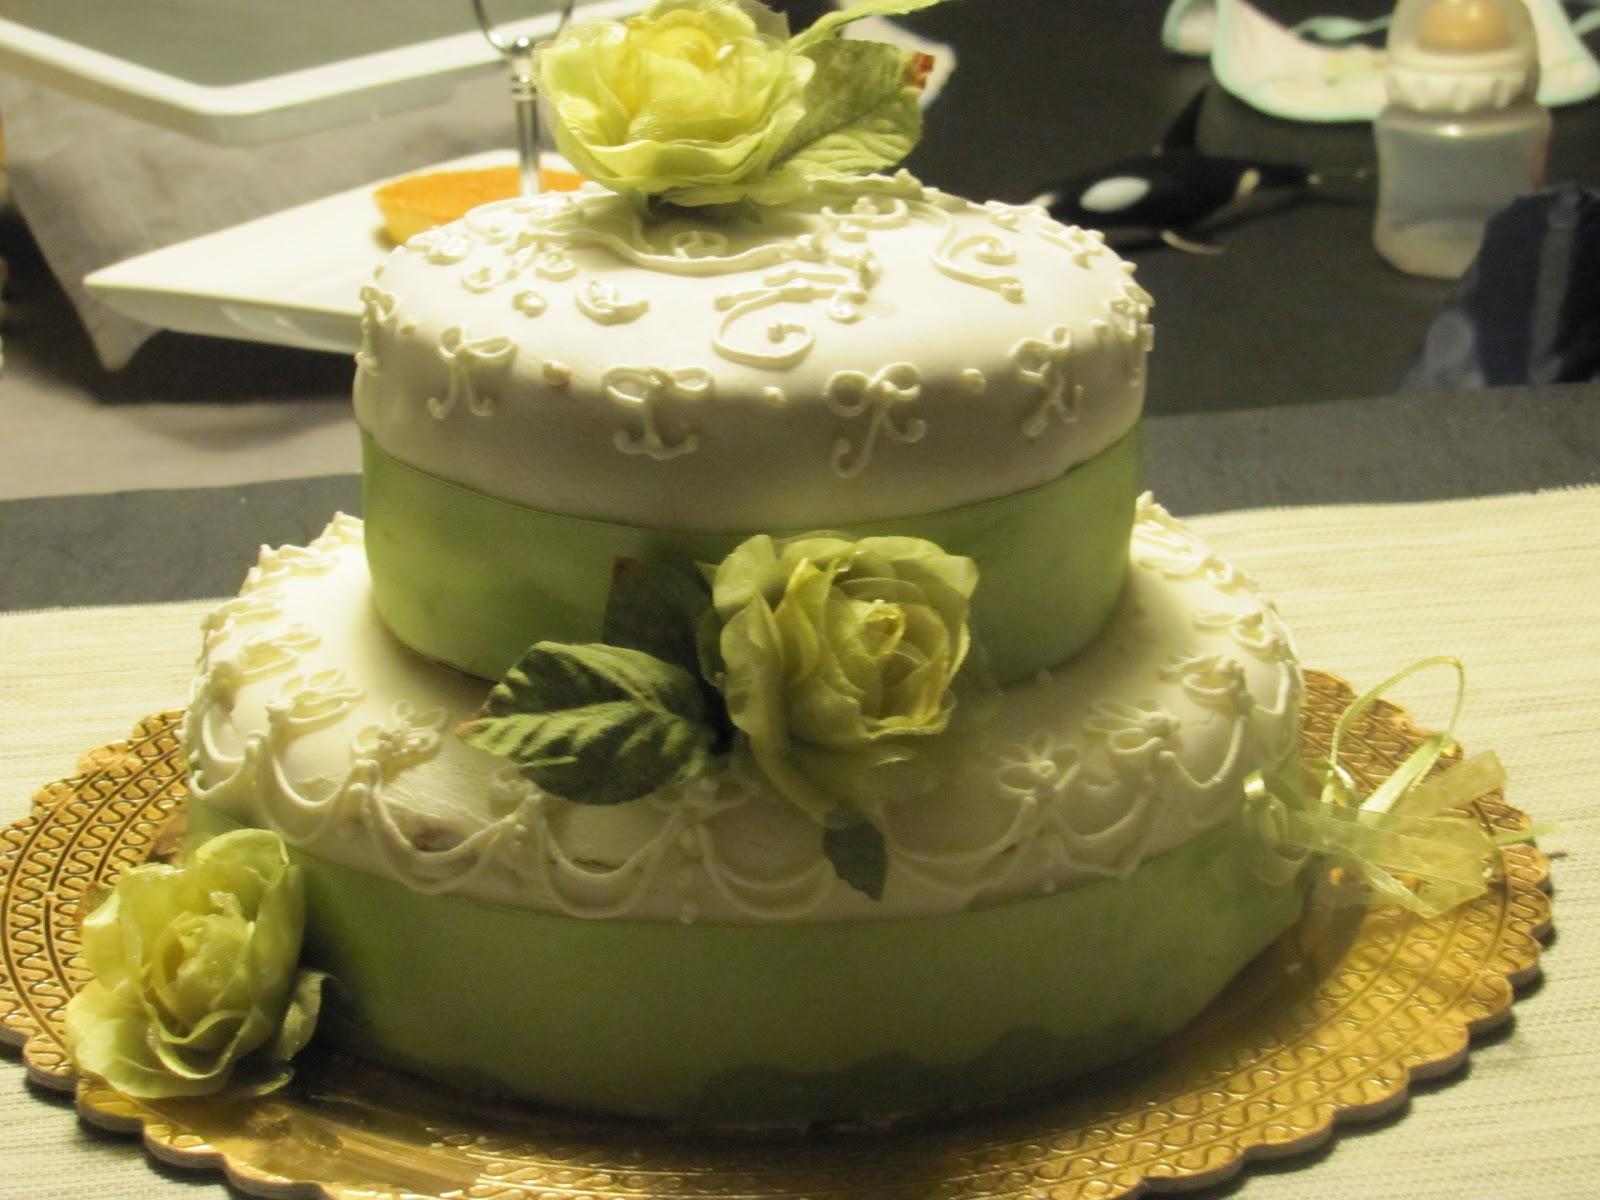 Destinazione forno torta due piani ghiacciata for Piani a due piani